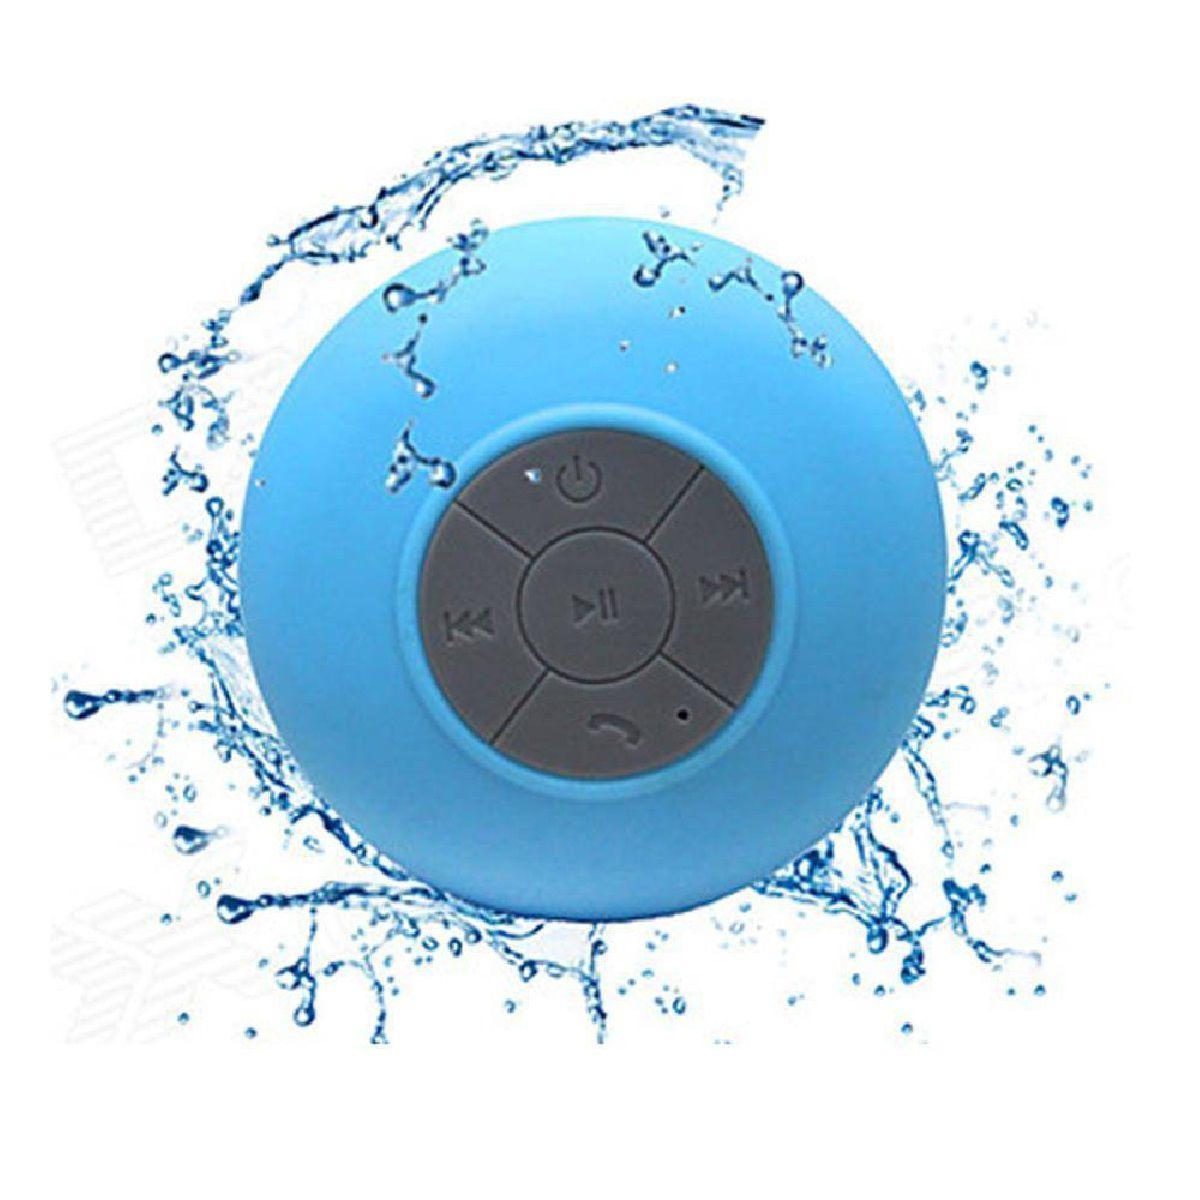 Caixa de Som Bluetooth à Prova D'água Azul